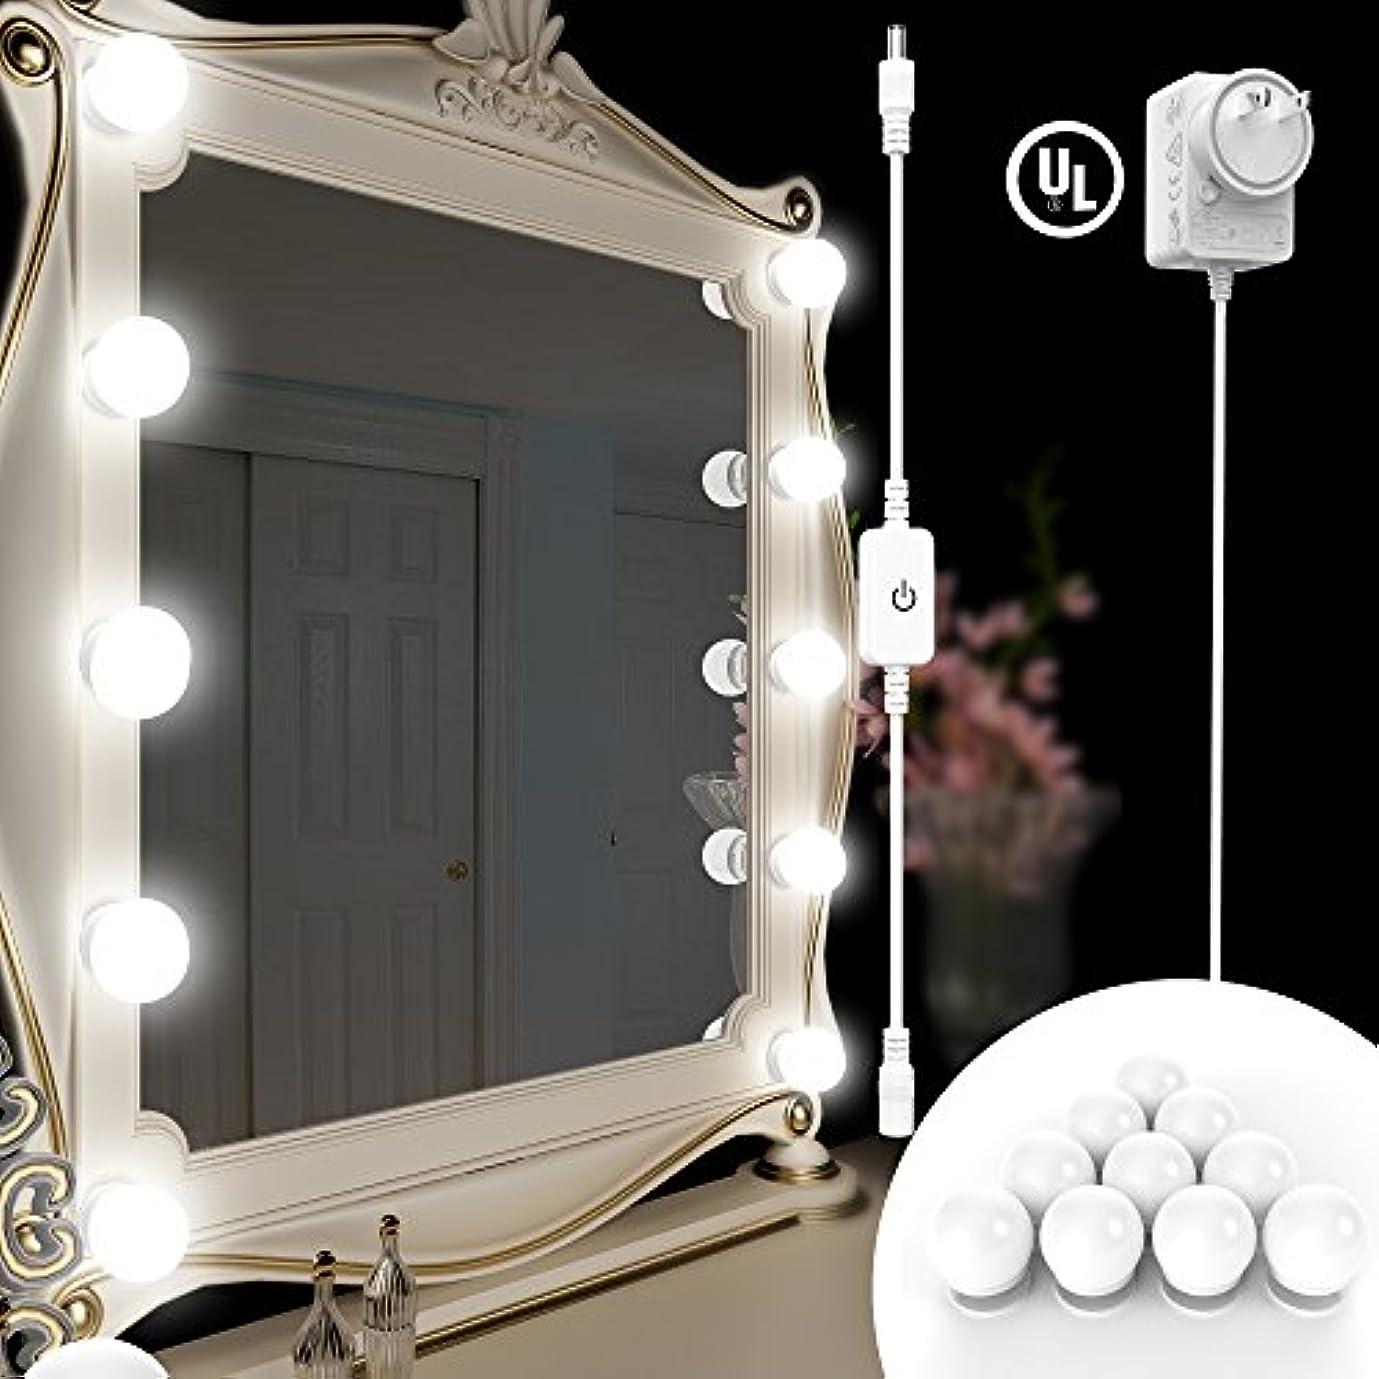 ブリッジ特別に切り刻むBlueFire DIY 化粧鏡 LEDライト 女優ミラーライト ハリウッドライト ドレッサーライト 10個LED電球 明るさ調節可能 全長3.6M 隠し配線 メイクアップミラーライト バニティミラーライトキット